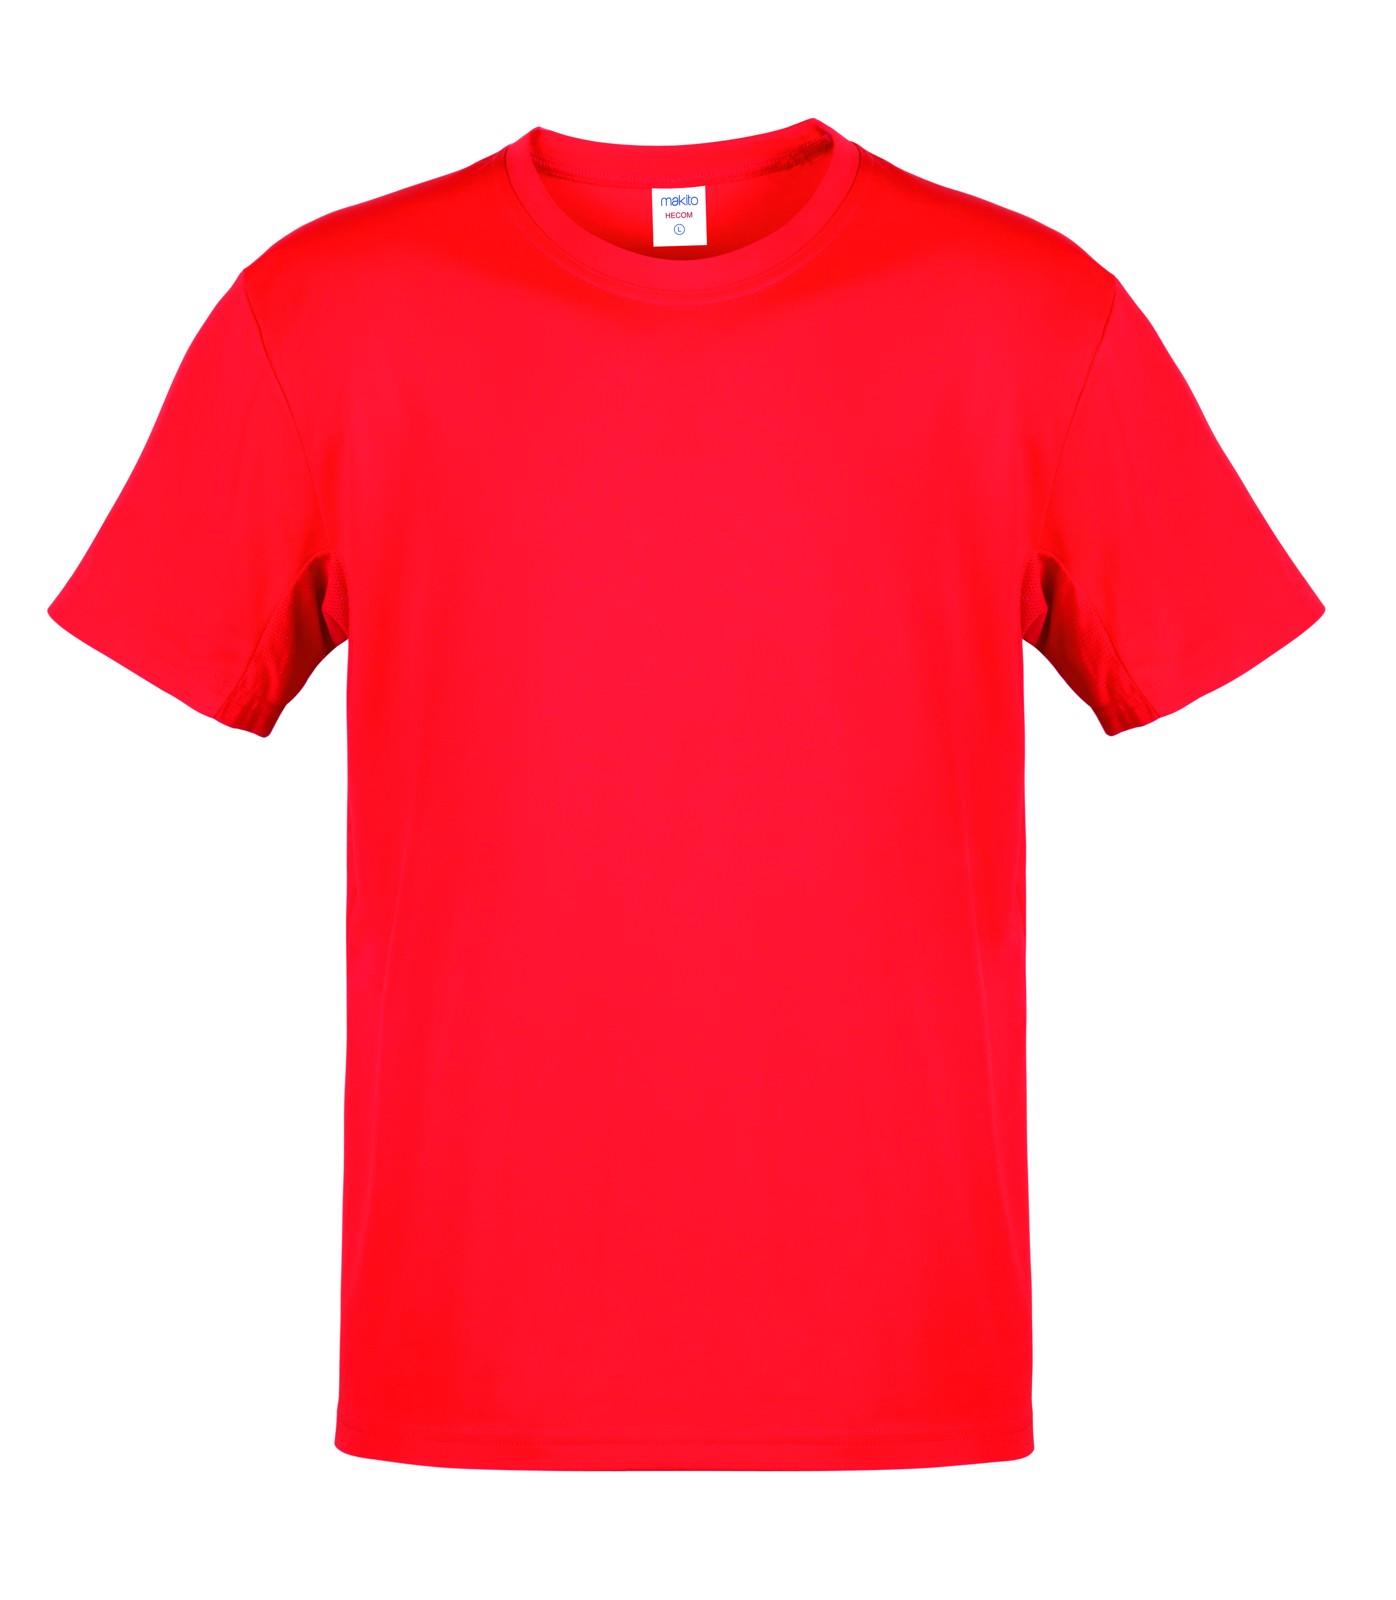 T-Shirt Adulto Côr Hecom - Vermelho / S